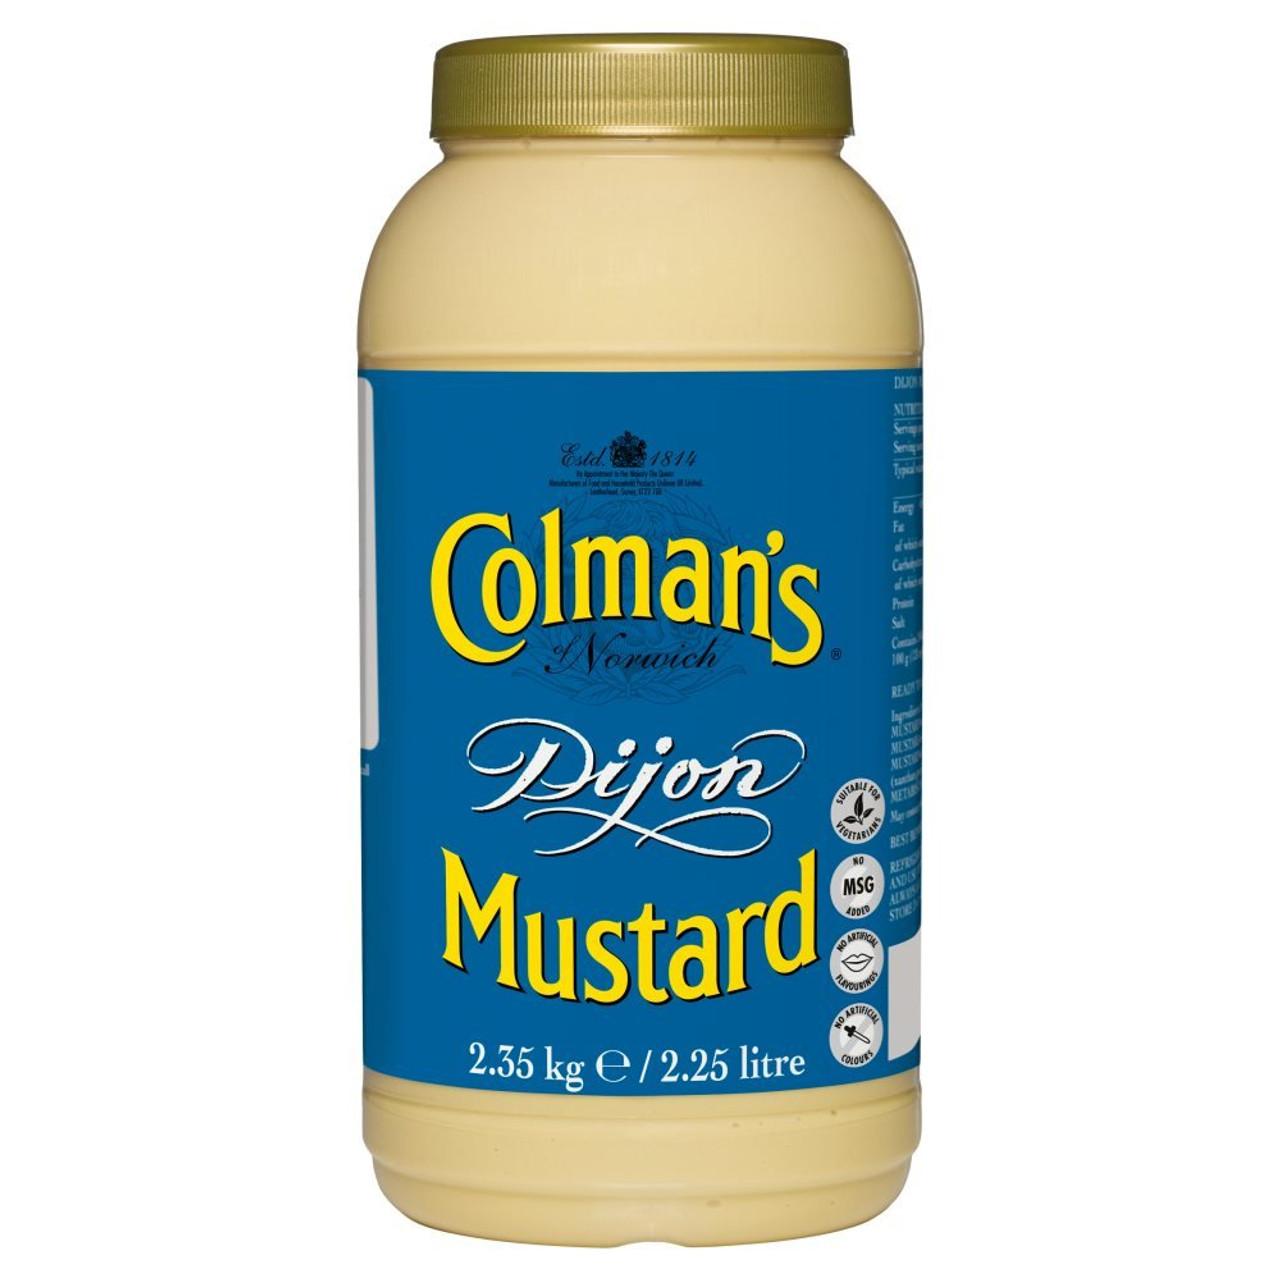 Colman's Dijon Mustard - 2.25lt